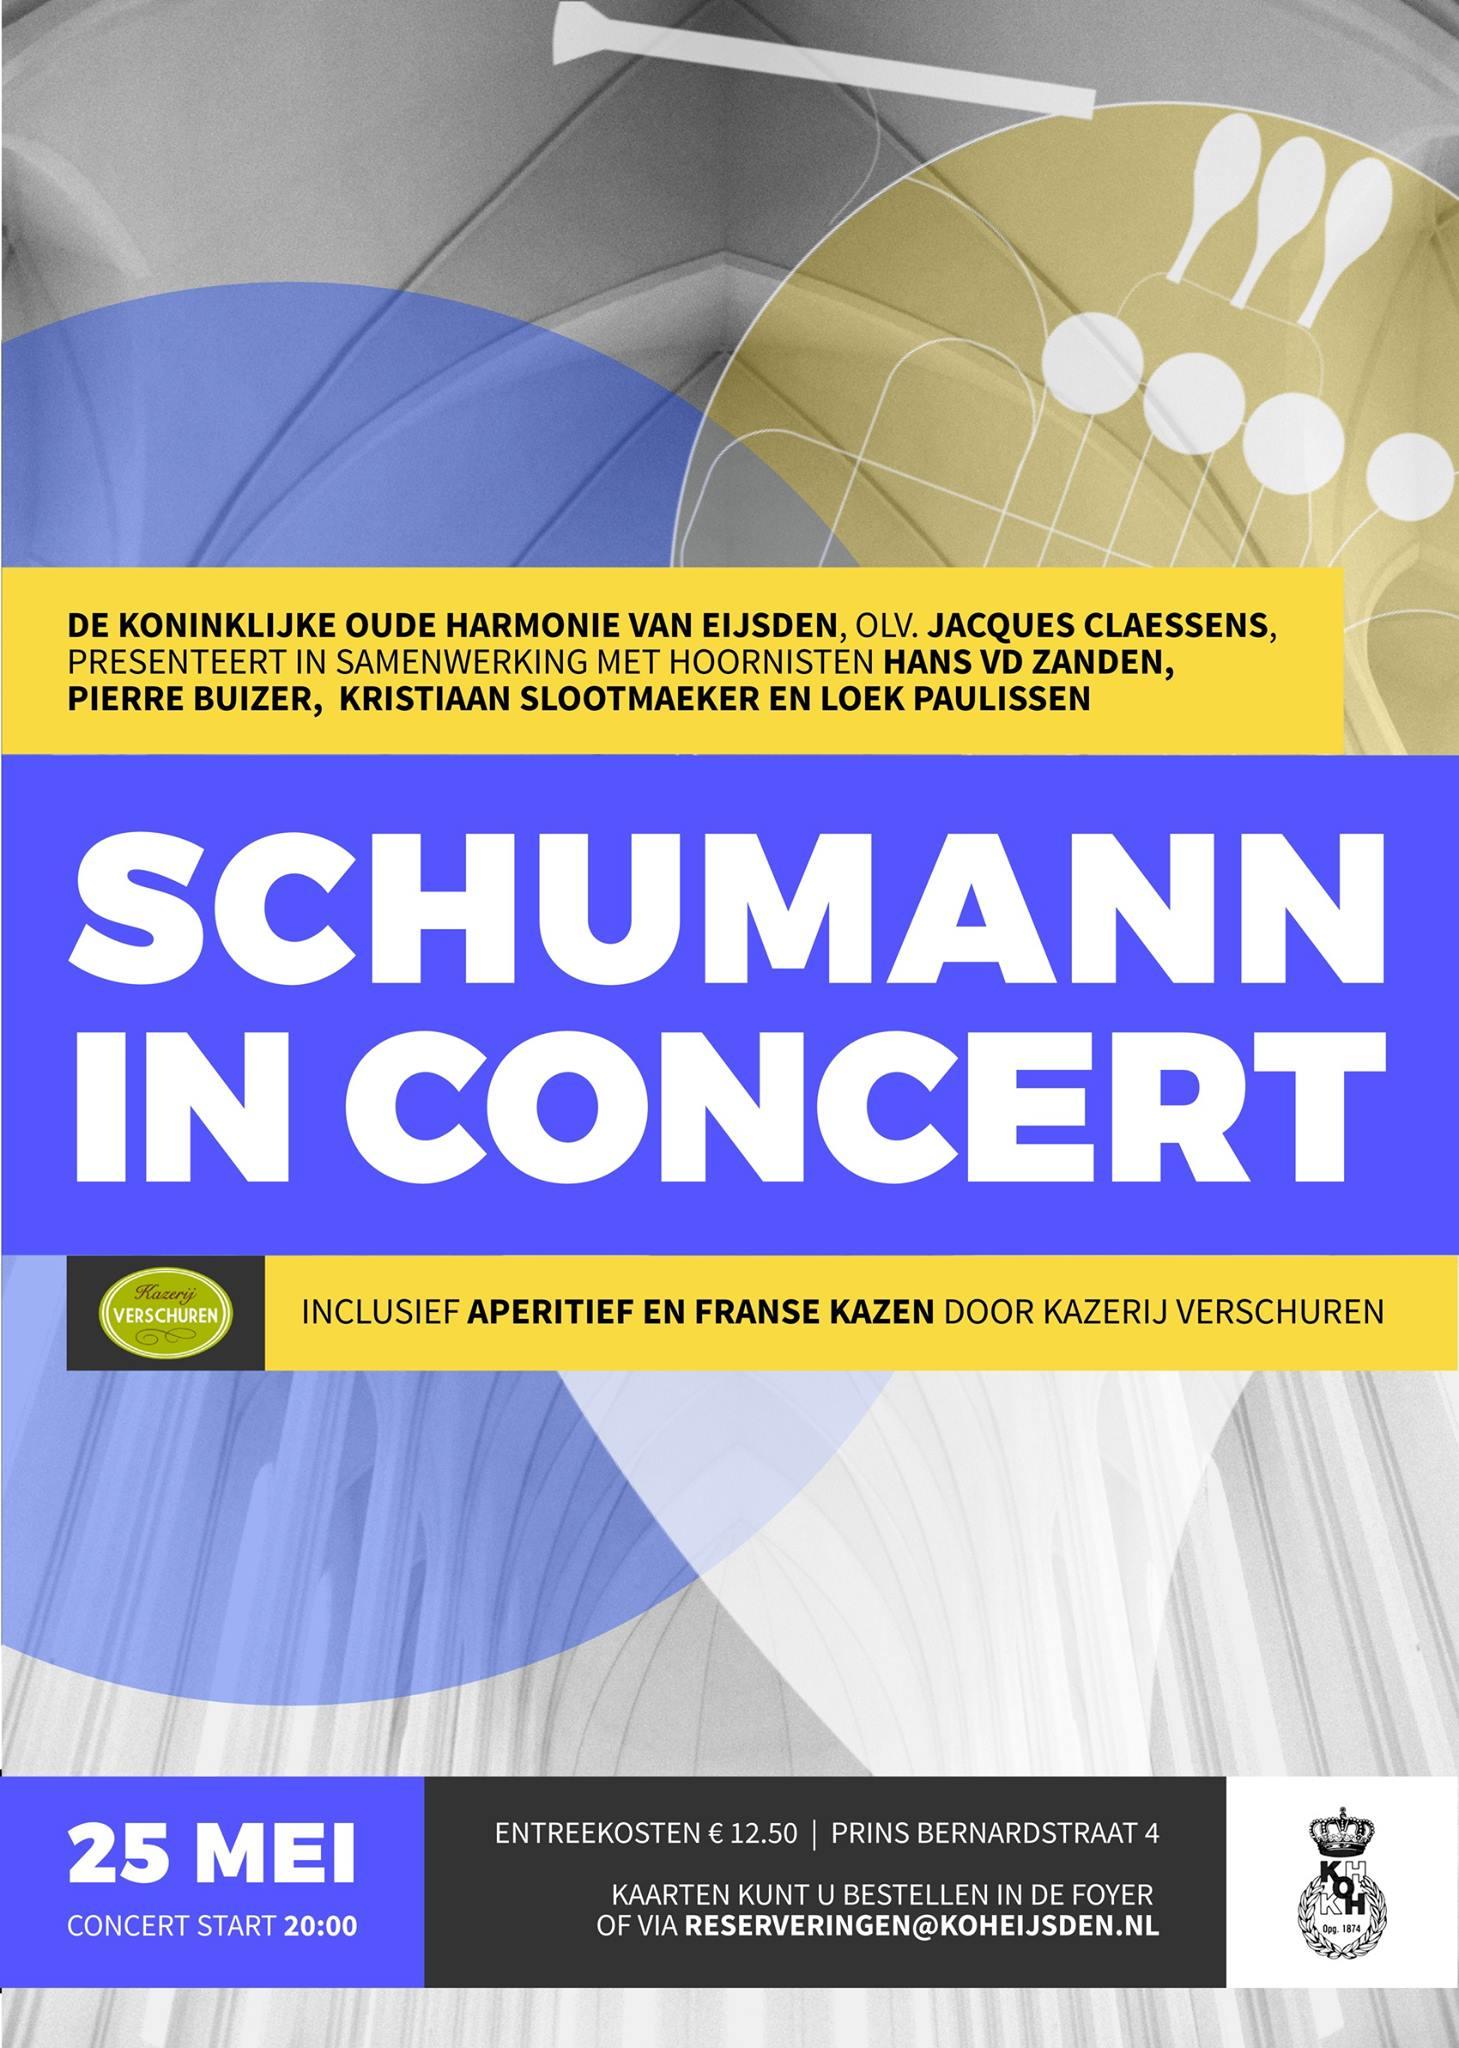 Schumann in Concert